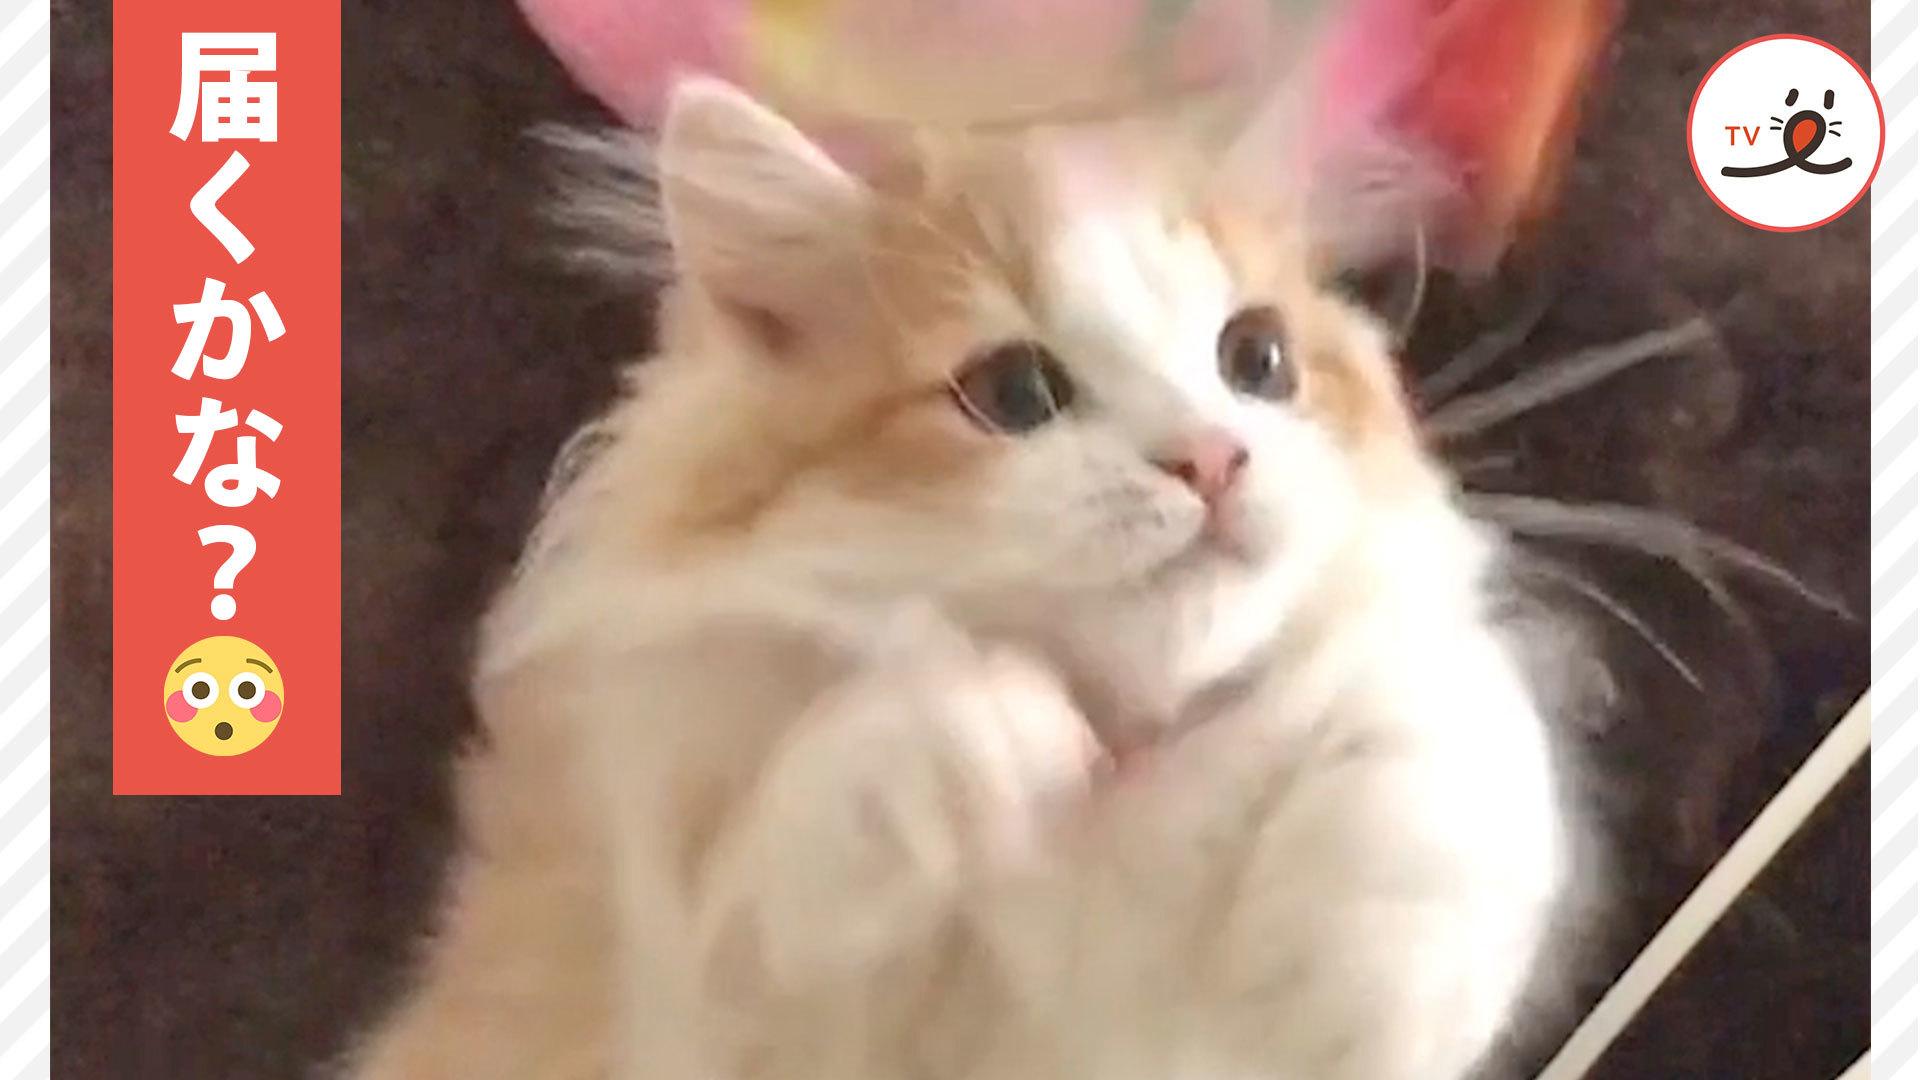 「ていてい!」🐱💦 前脚を一生懸命伸ばす姿が愛らしい猫ちゃん😍